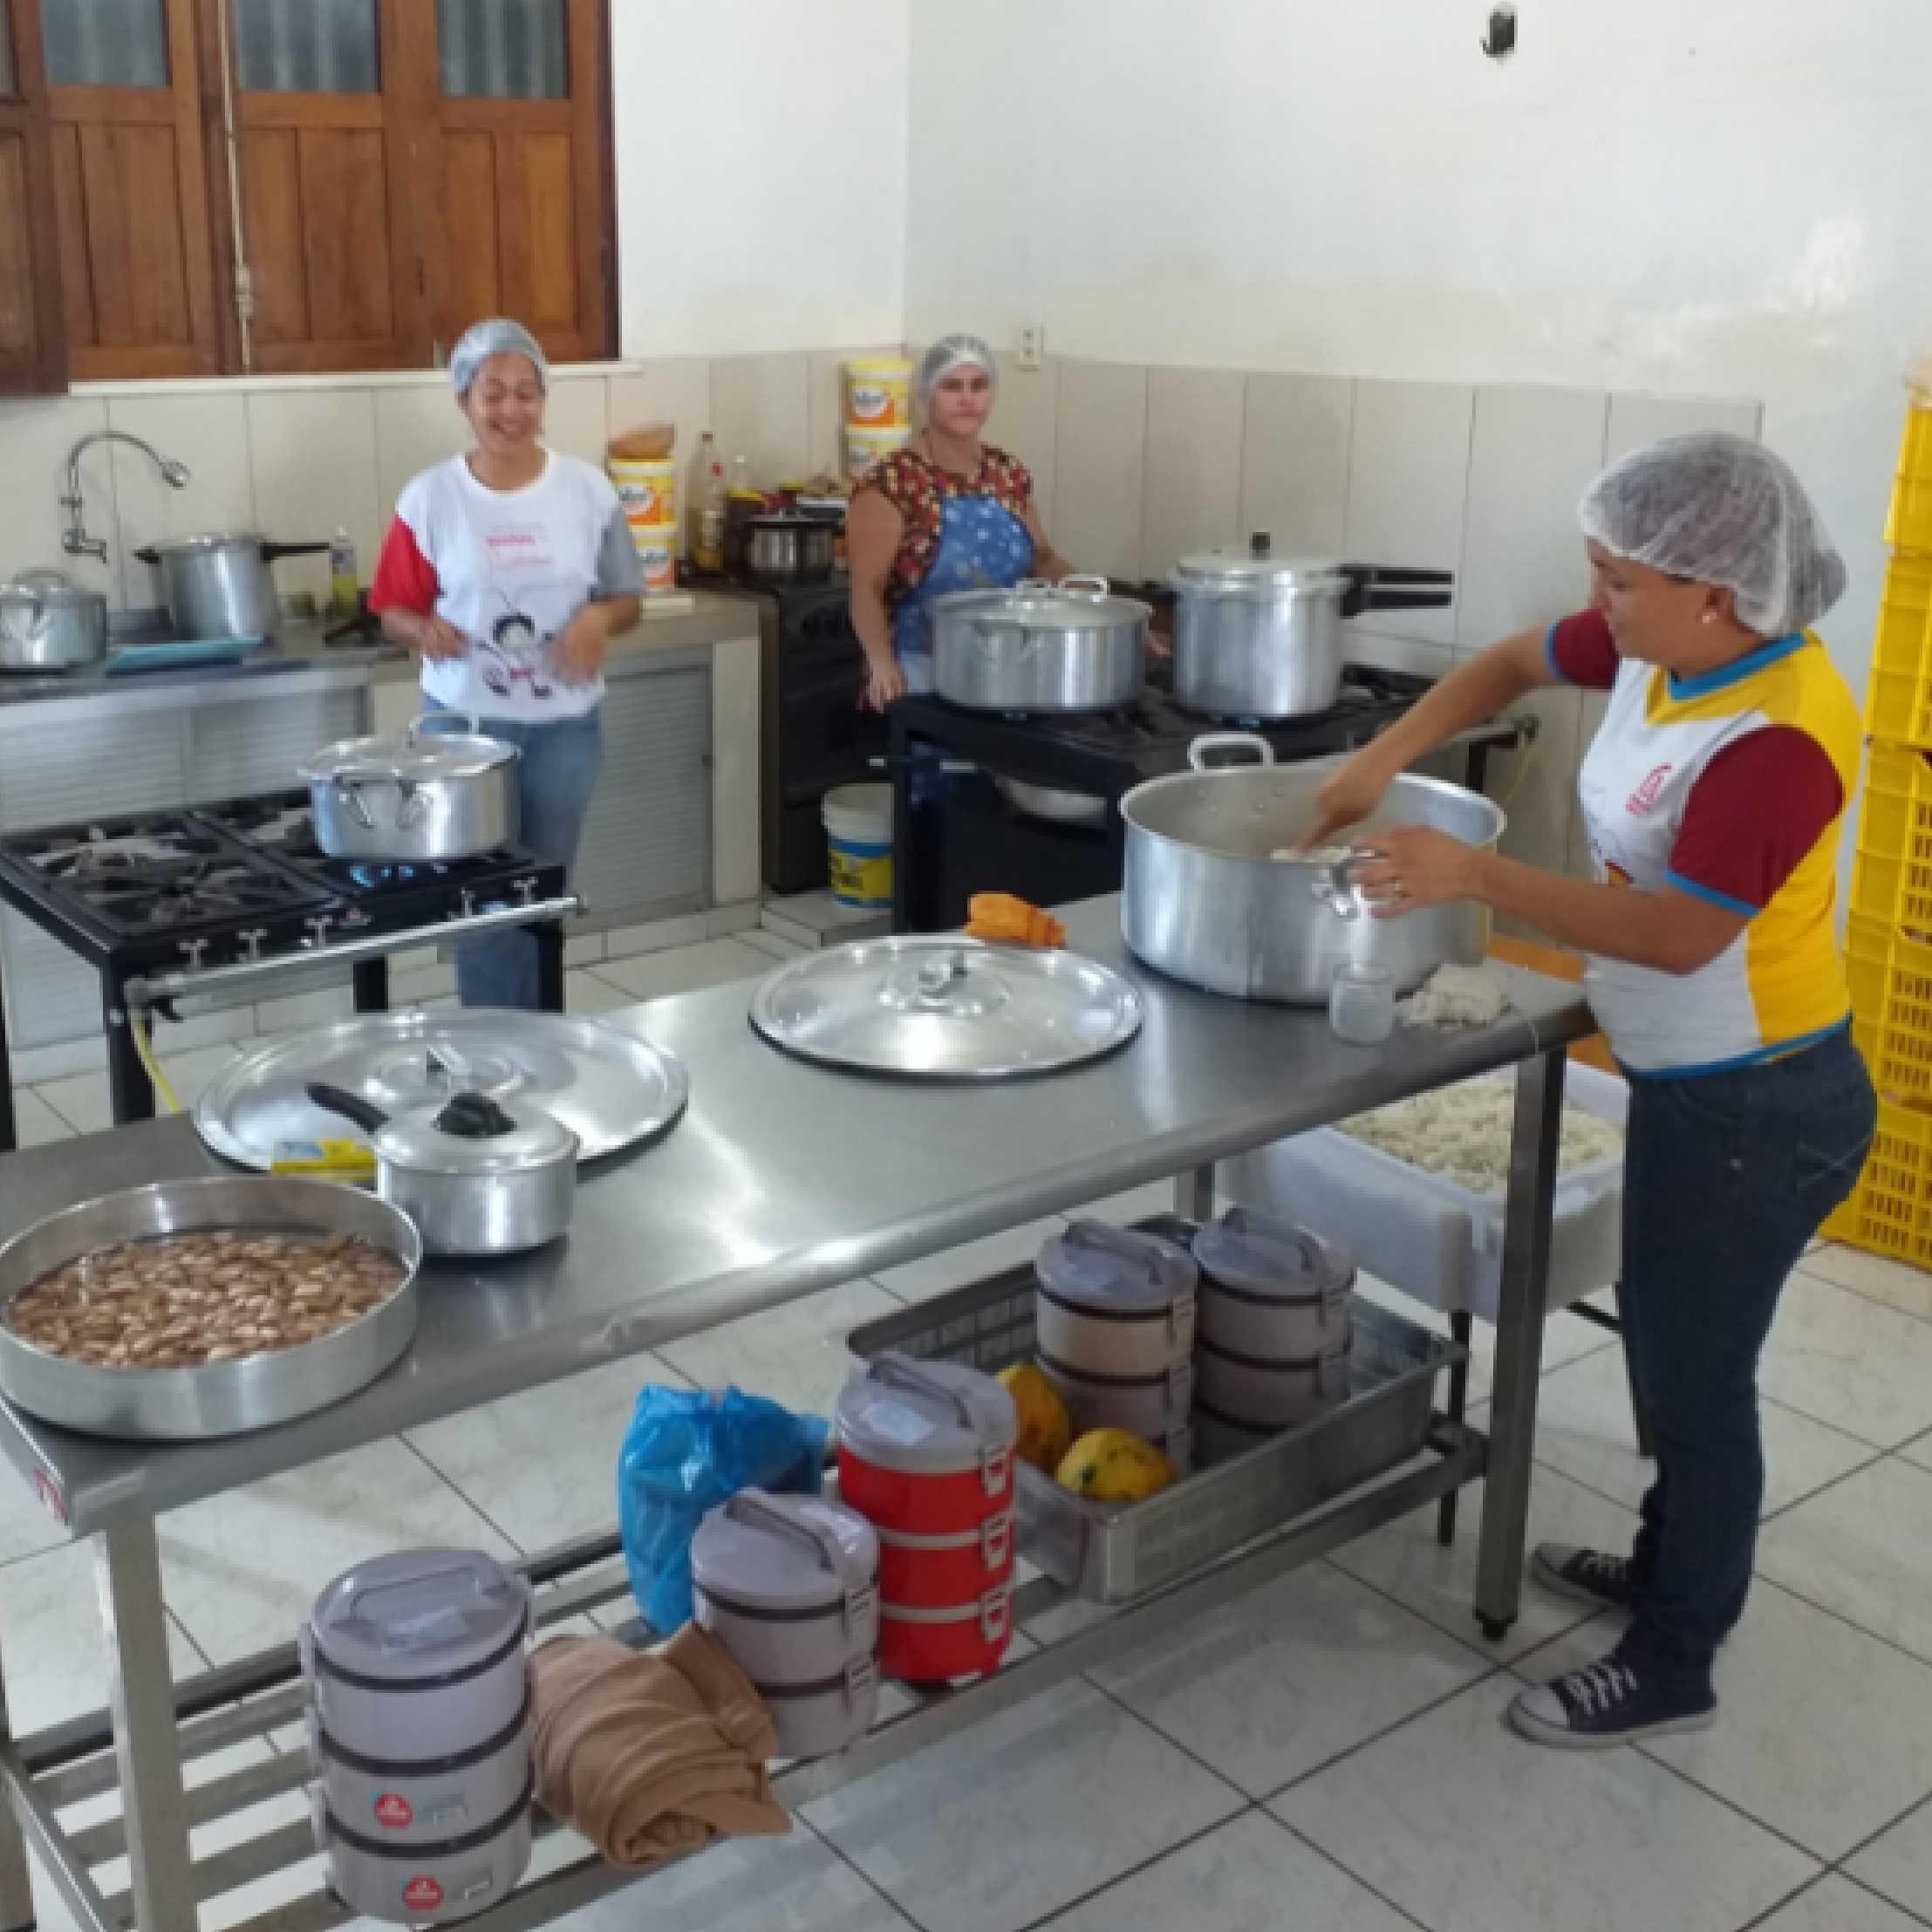 Volunteers prepare food for the Venezuelan families.